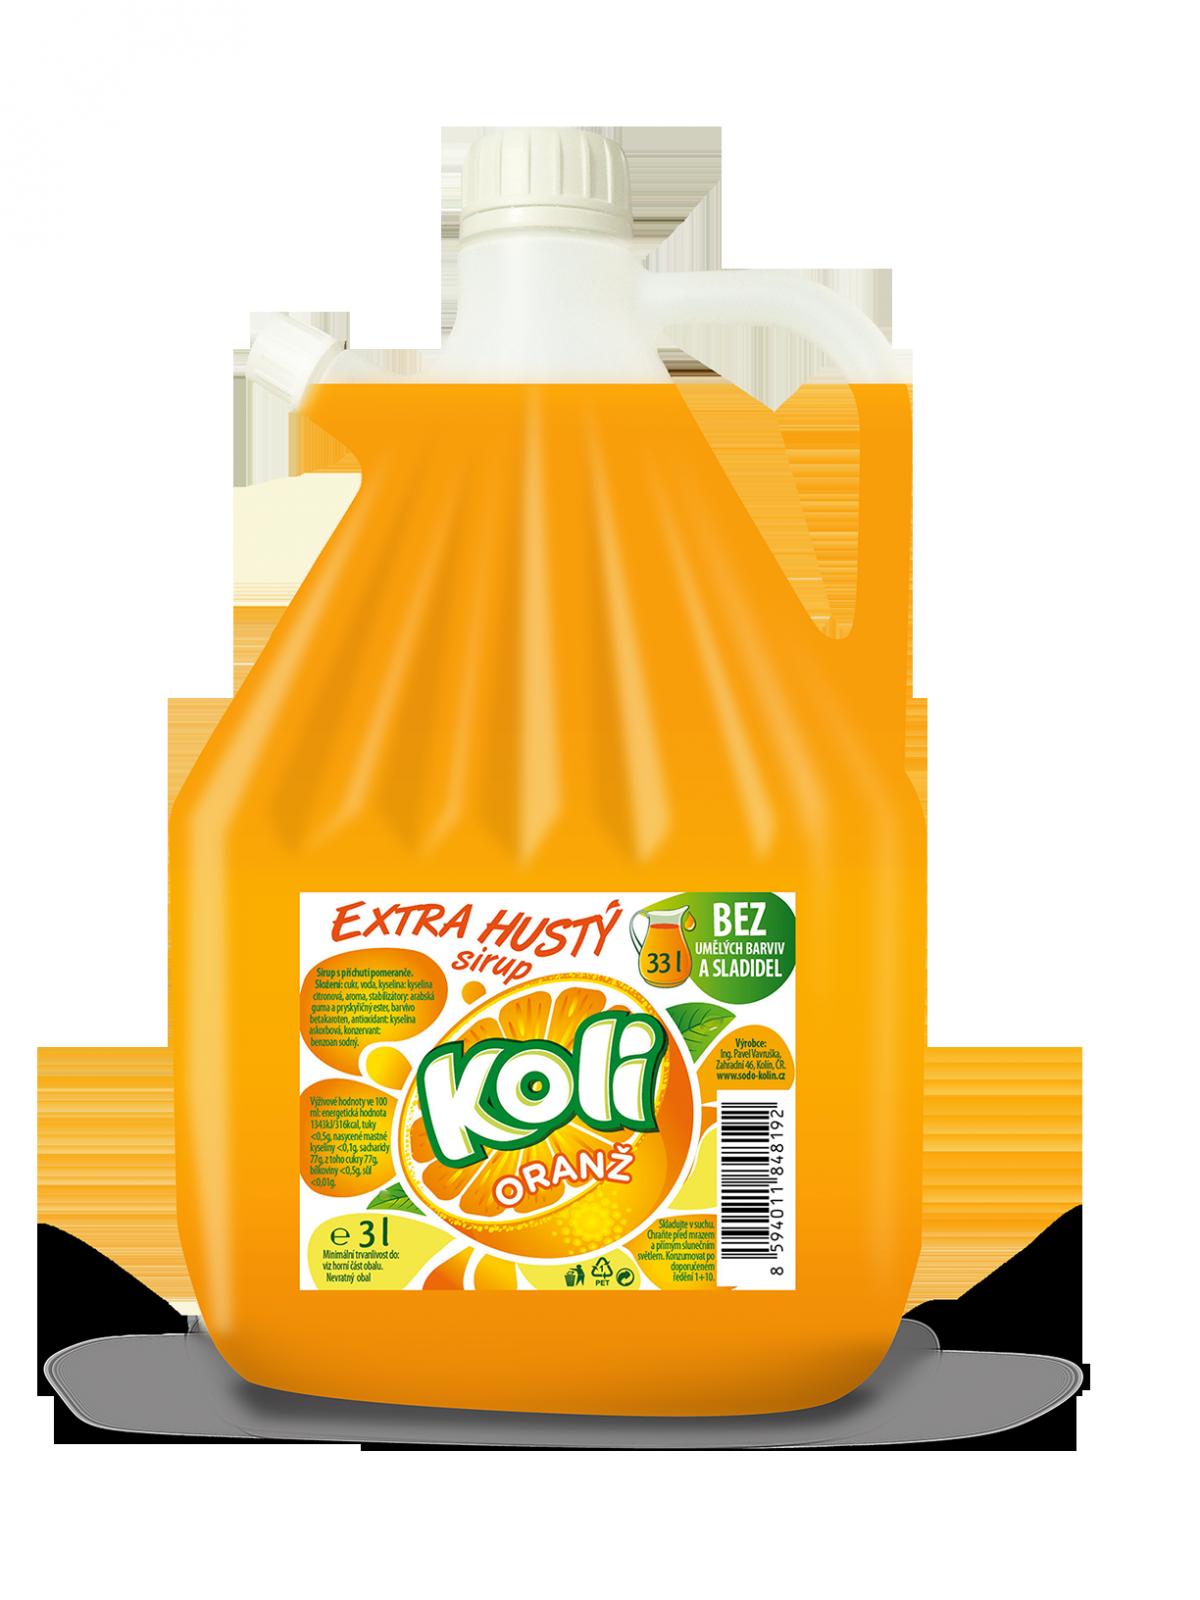 Koli sirup EXTRA hustý 3lt pomaranč - limonáda s osviežujúcou ovocnou chuťou. Sodovkárna Kolín